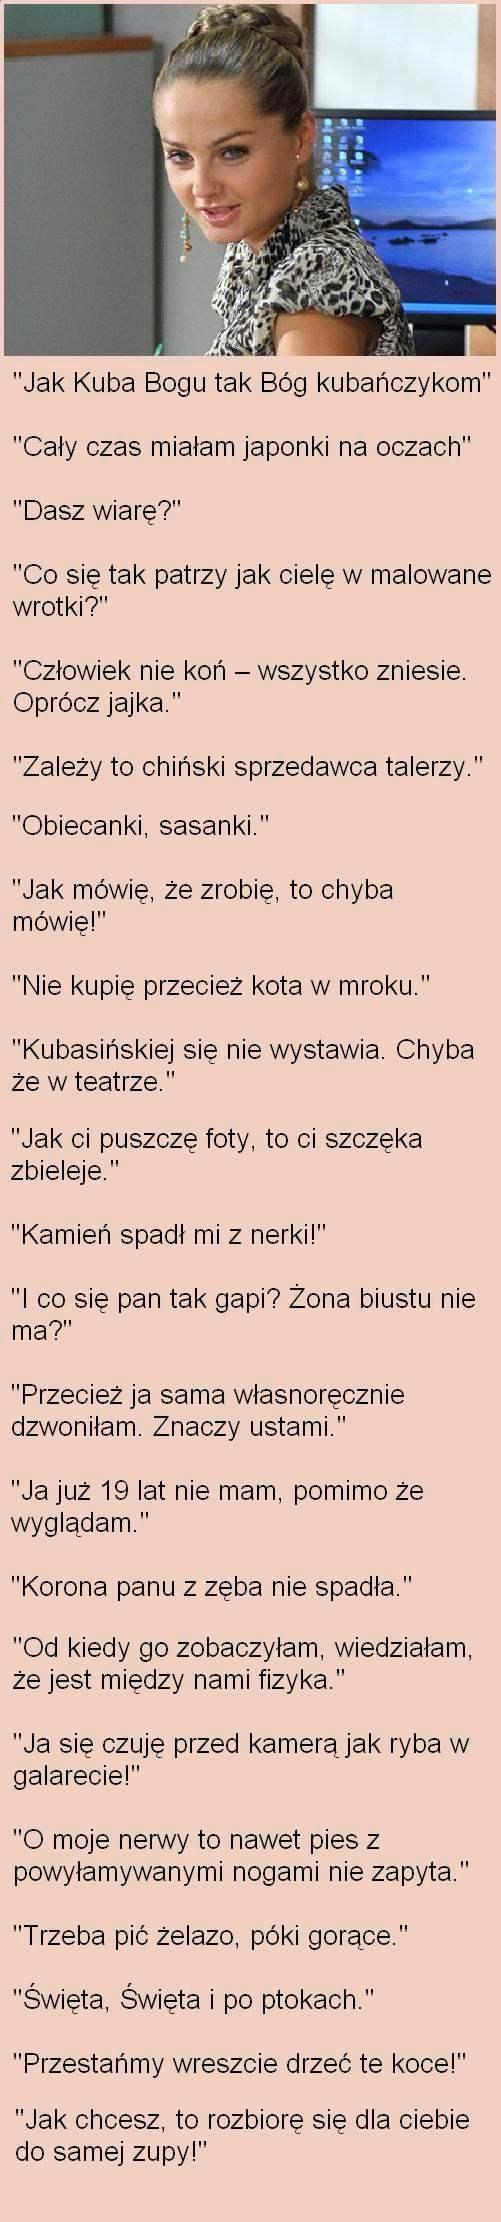 wiolkaa aa  :)